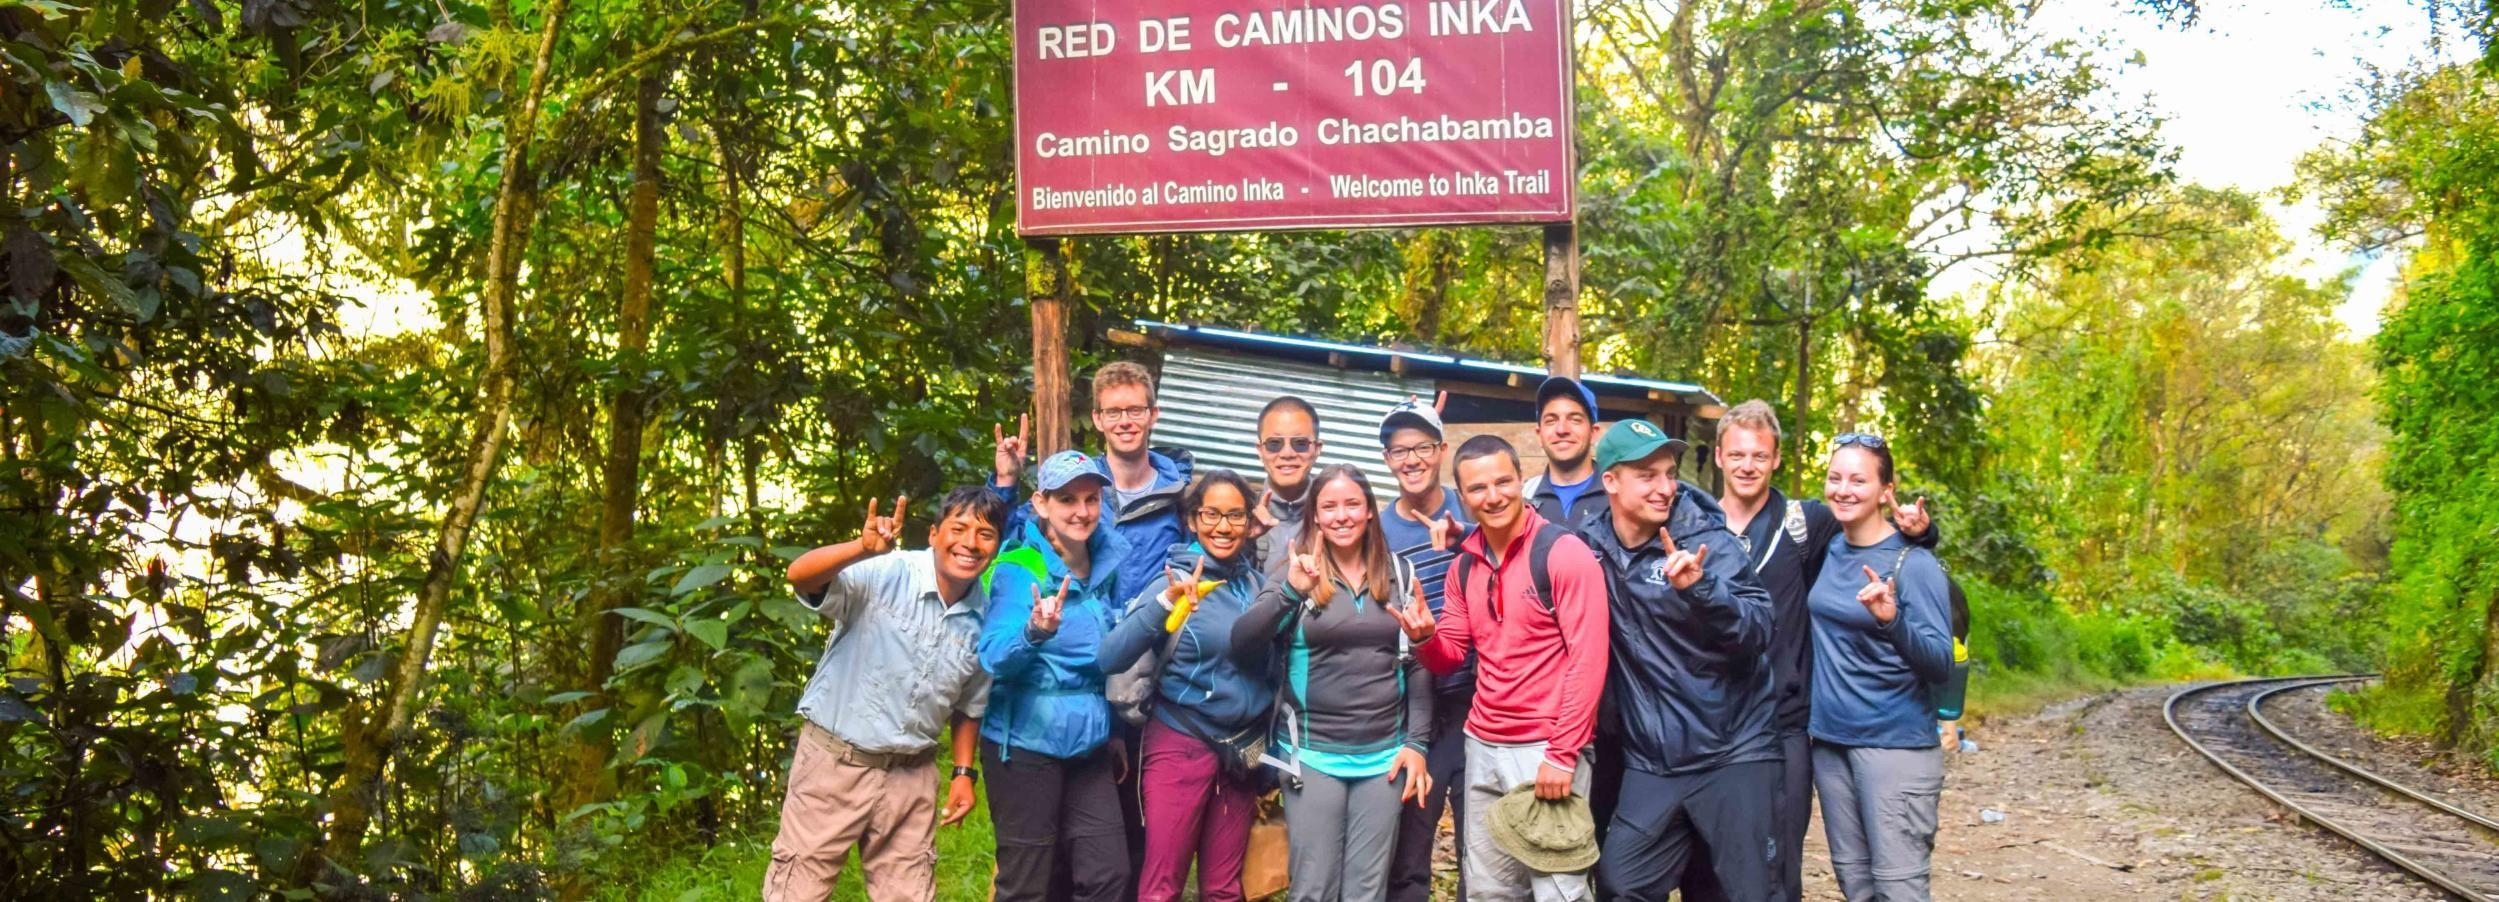 Cusco: 2 días por Camino del Inca y Machu Picchu